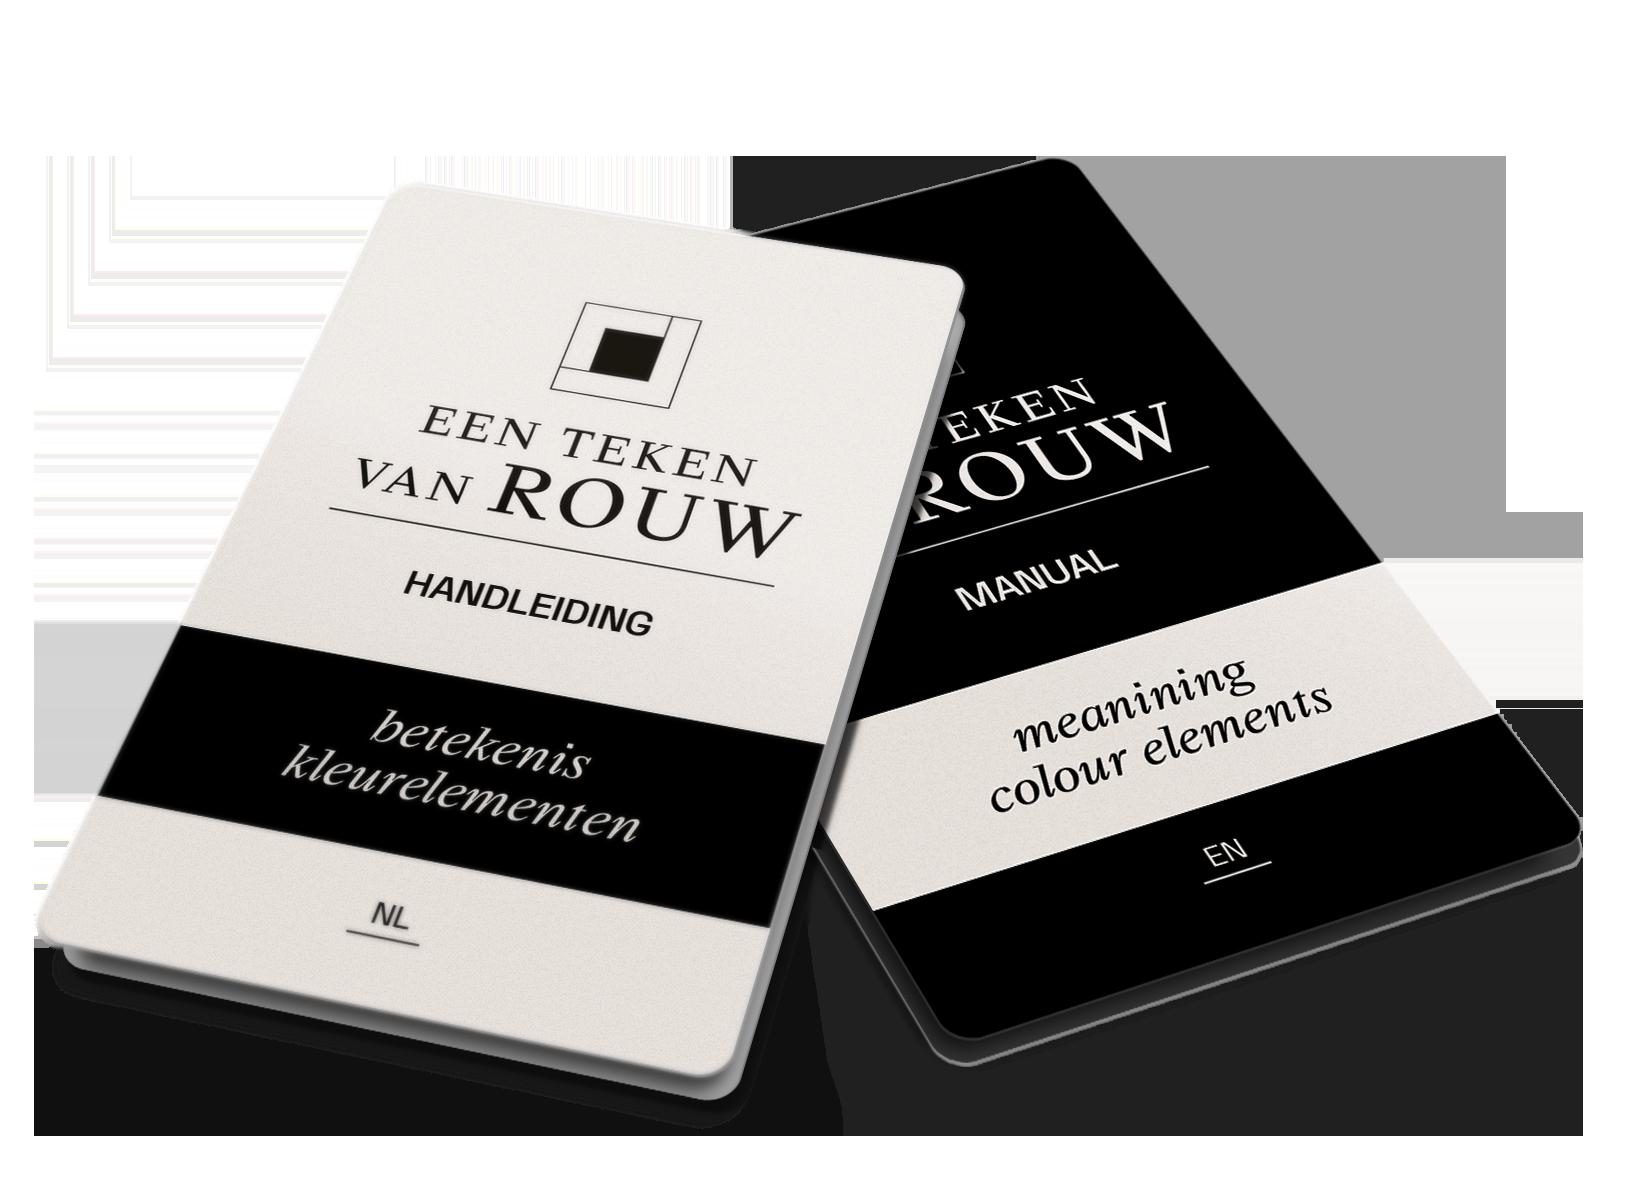 EenTekenvanRouw-manual2